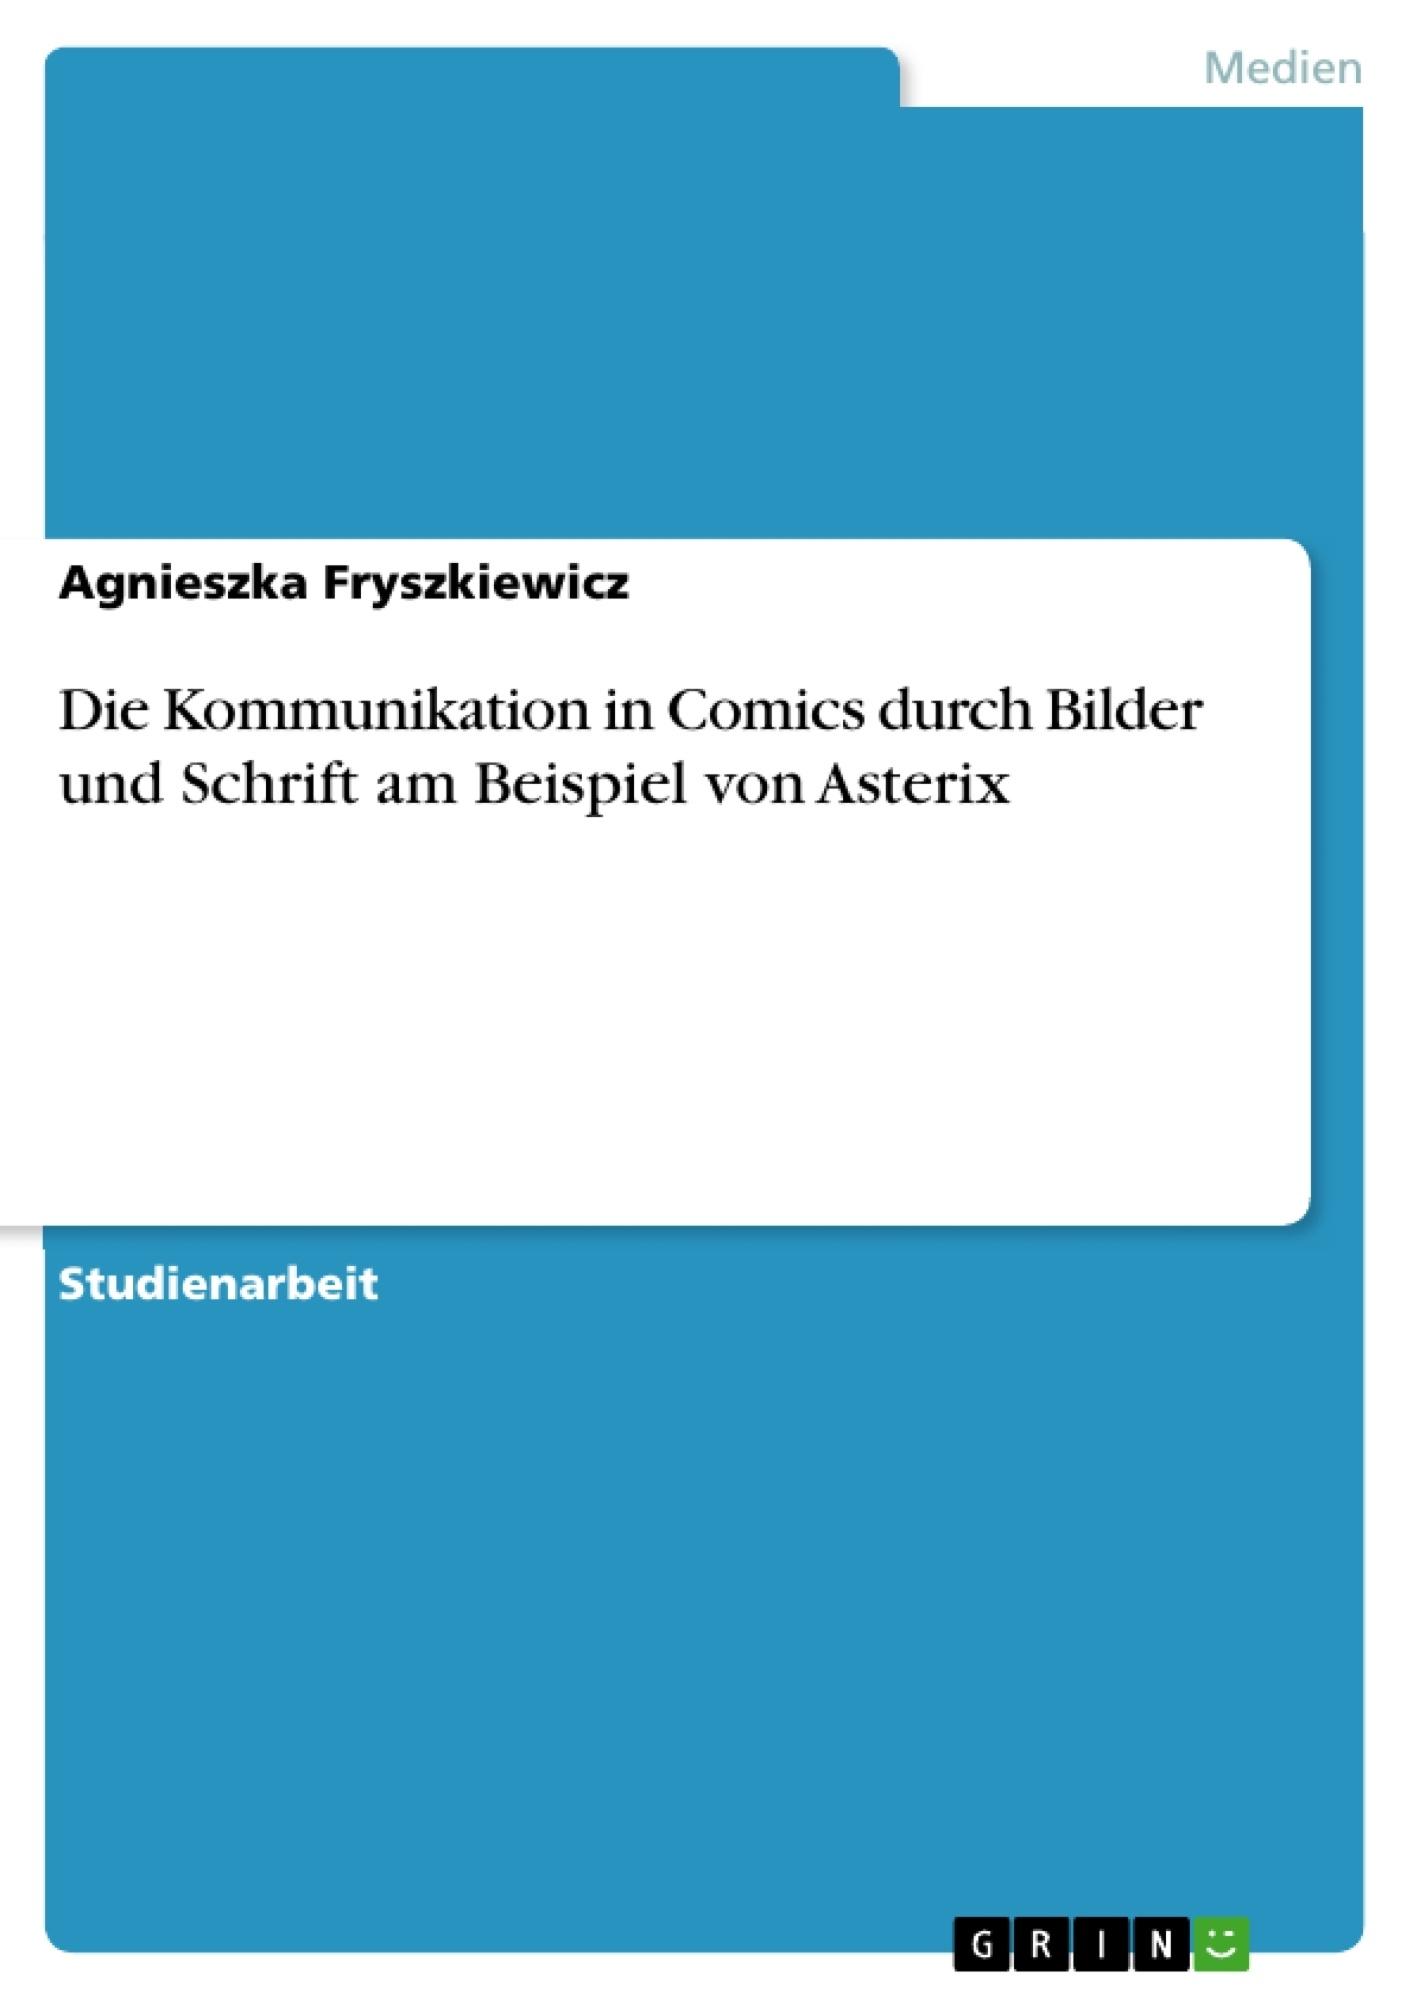 Titel: Die Kommunikation in Comics durch Bilder und Schrift am Beispiel von Asterix